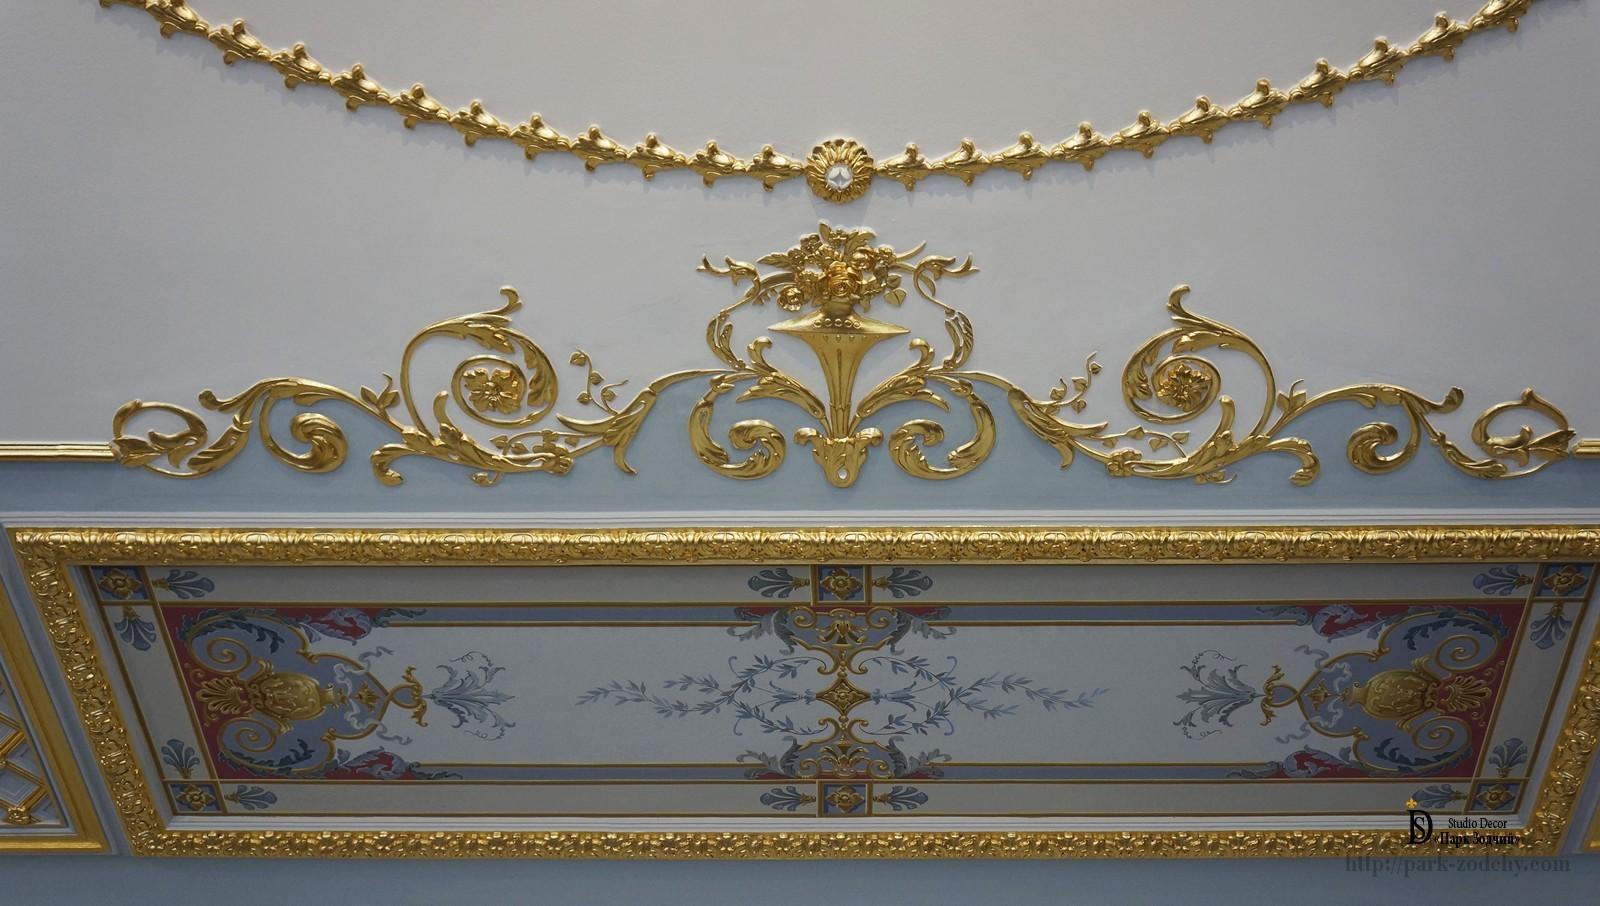 Фрагмент потолка с росписью и позолоченными элементами